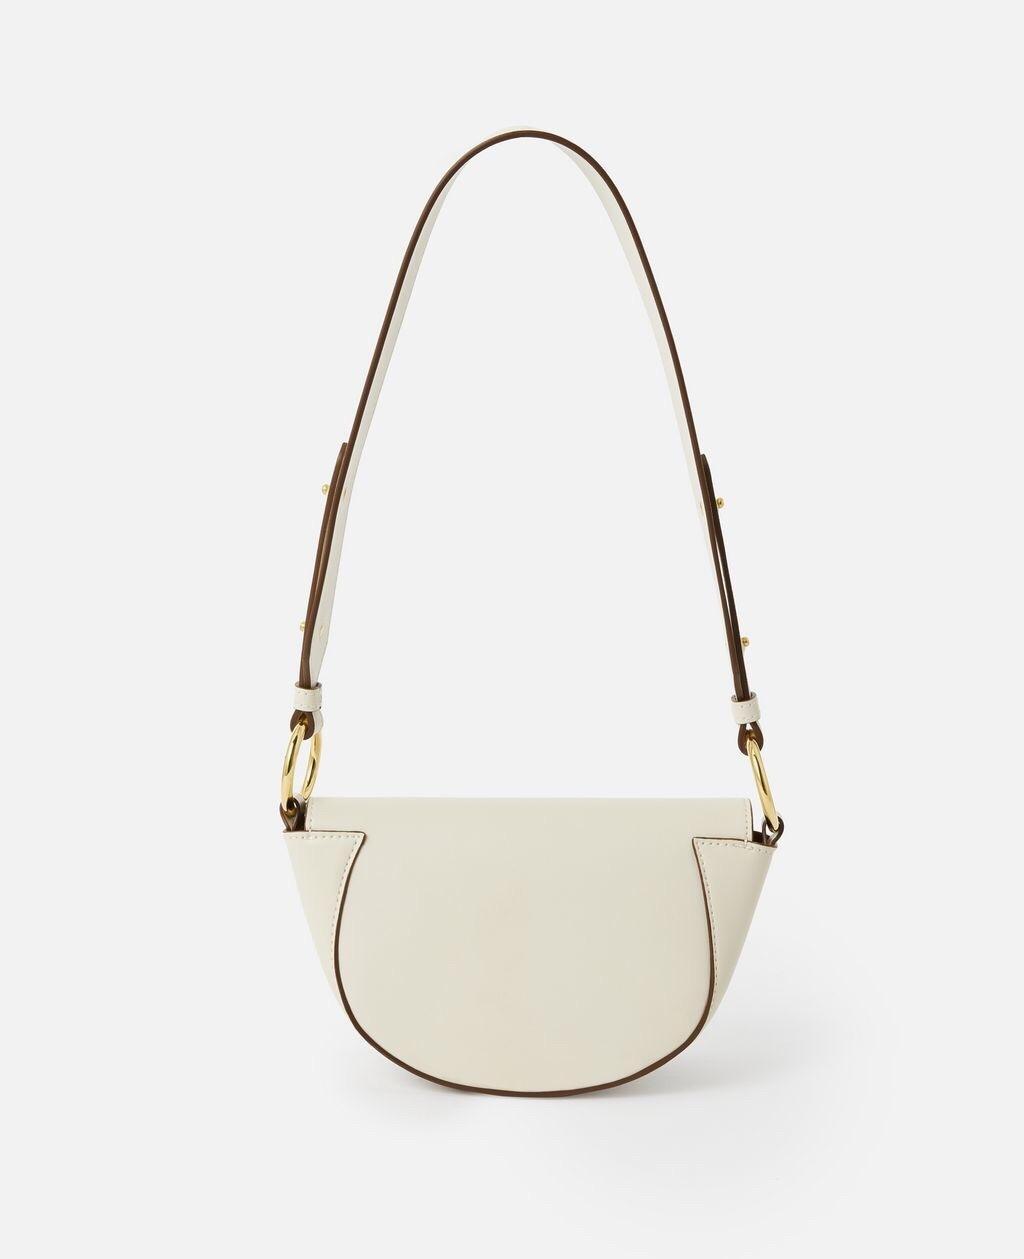 totalizadores diseñador de los bolsos bolsos de la manera bolsos de las señoras Venta caliente recomiende la moda corrieron nueva hermosa C9SB clásica